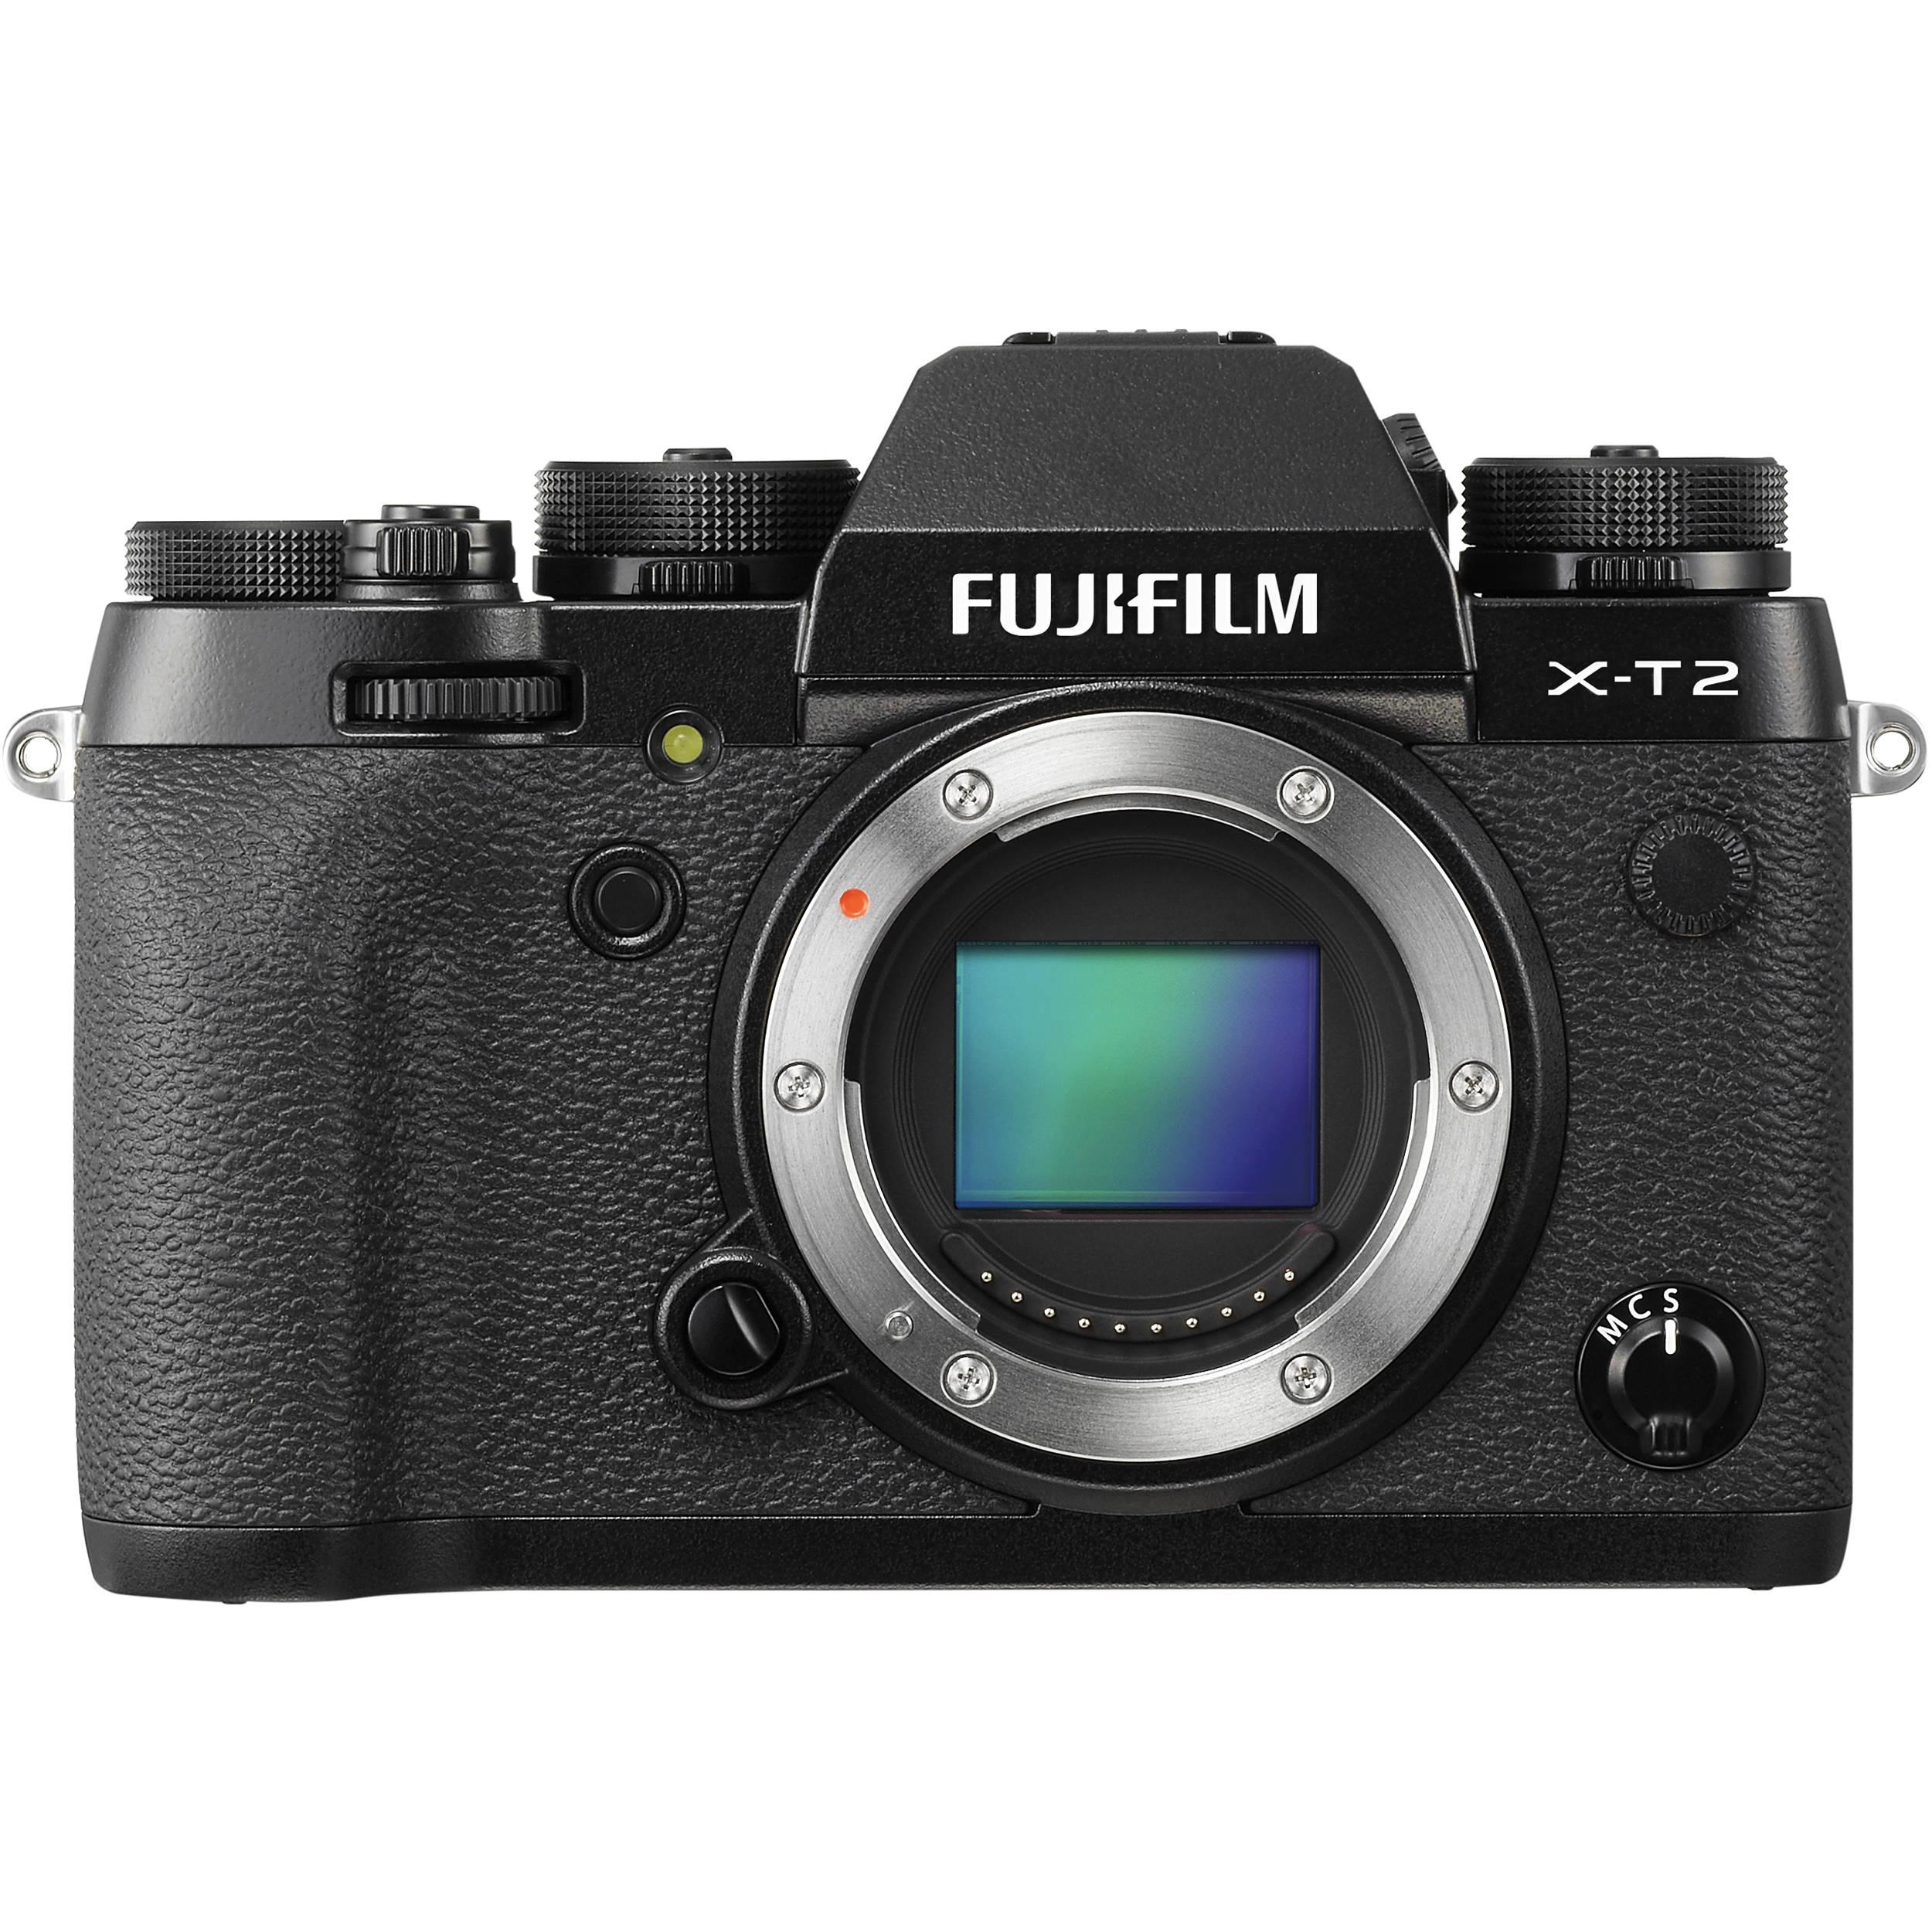 Fujifilm X-T2 Body only - £599 @ Jessops